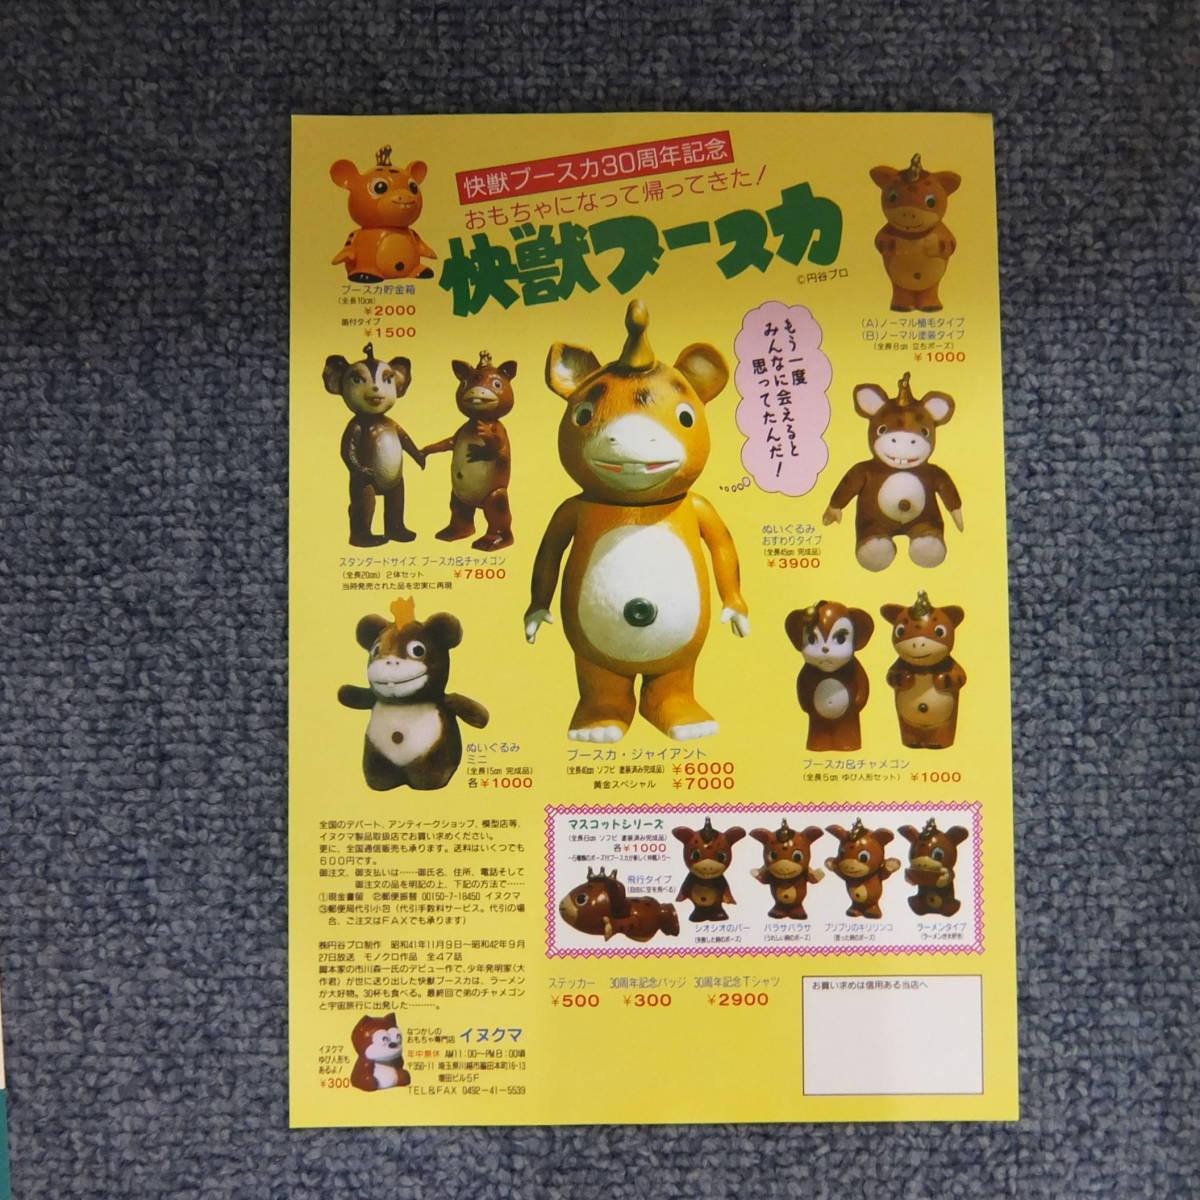 【 LD / レーザーディスク 】 快獣ブースカ  LD-BOX  「チャメゴン誕生の巻」 円谷プロ30周年記念_画像6